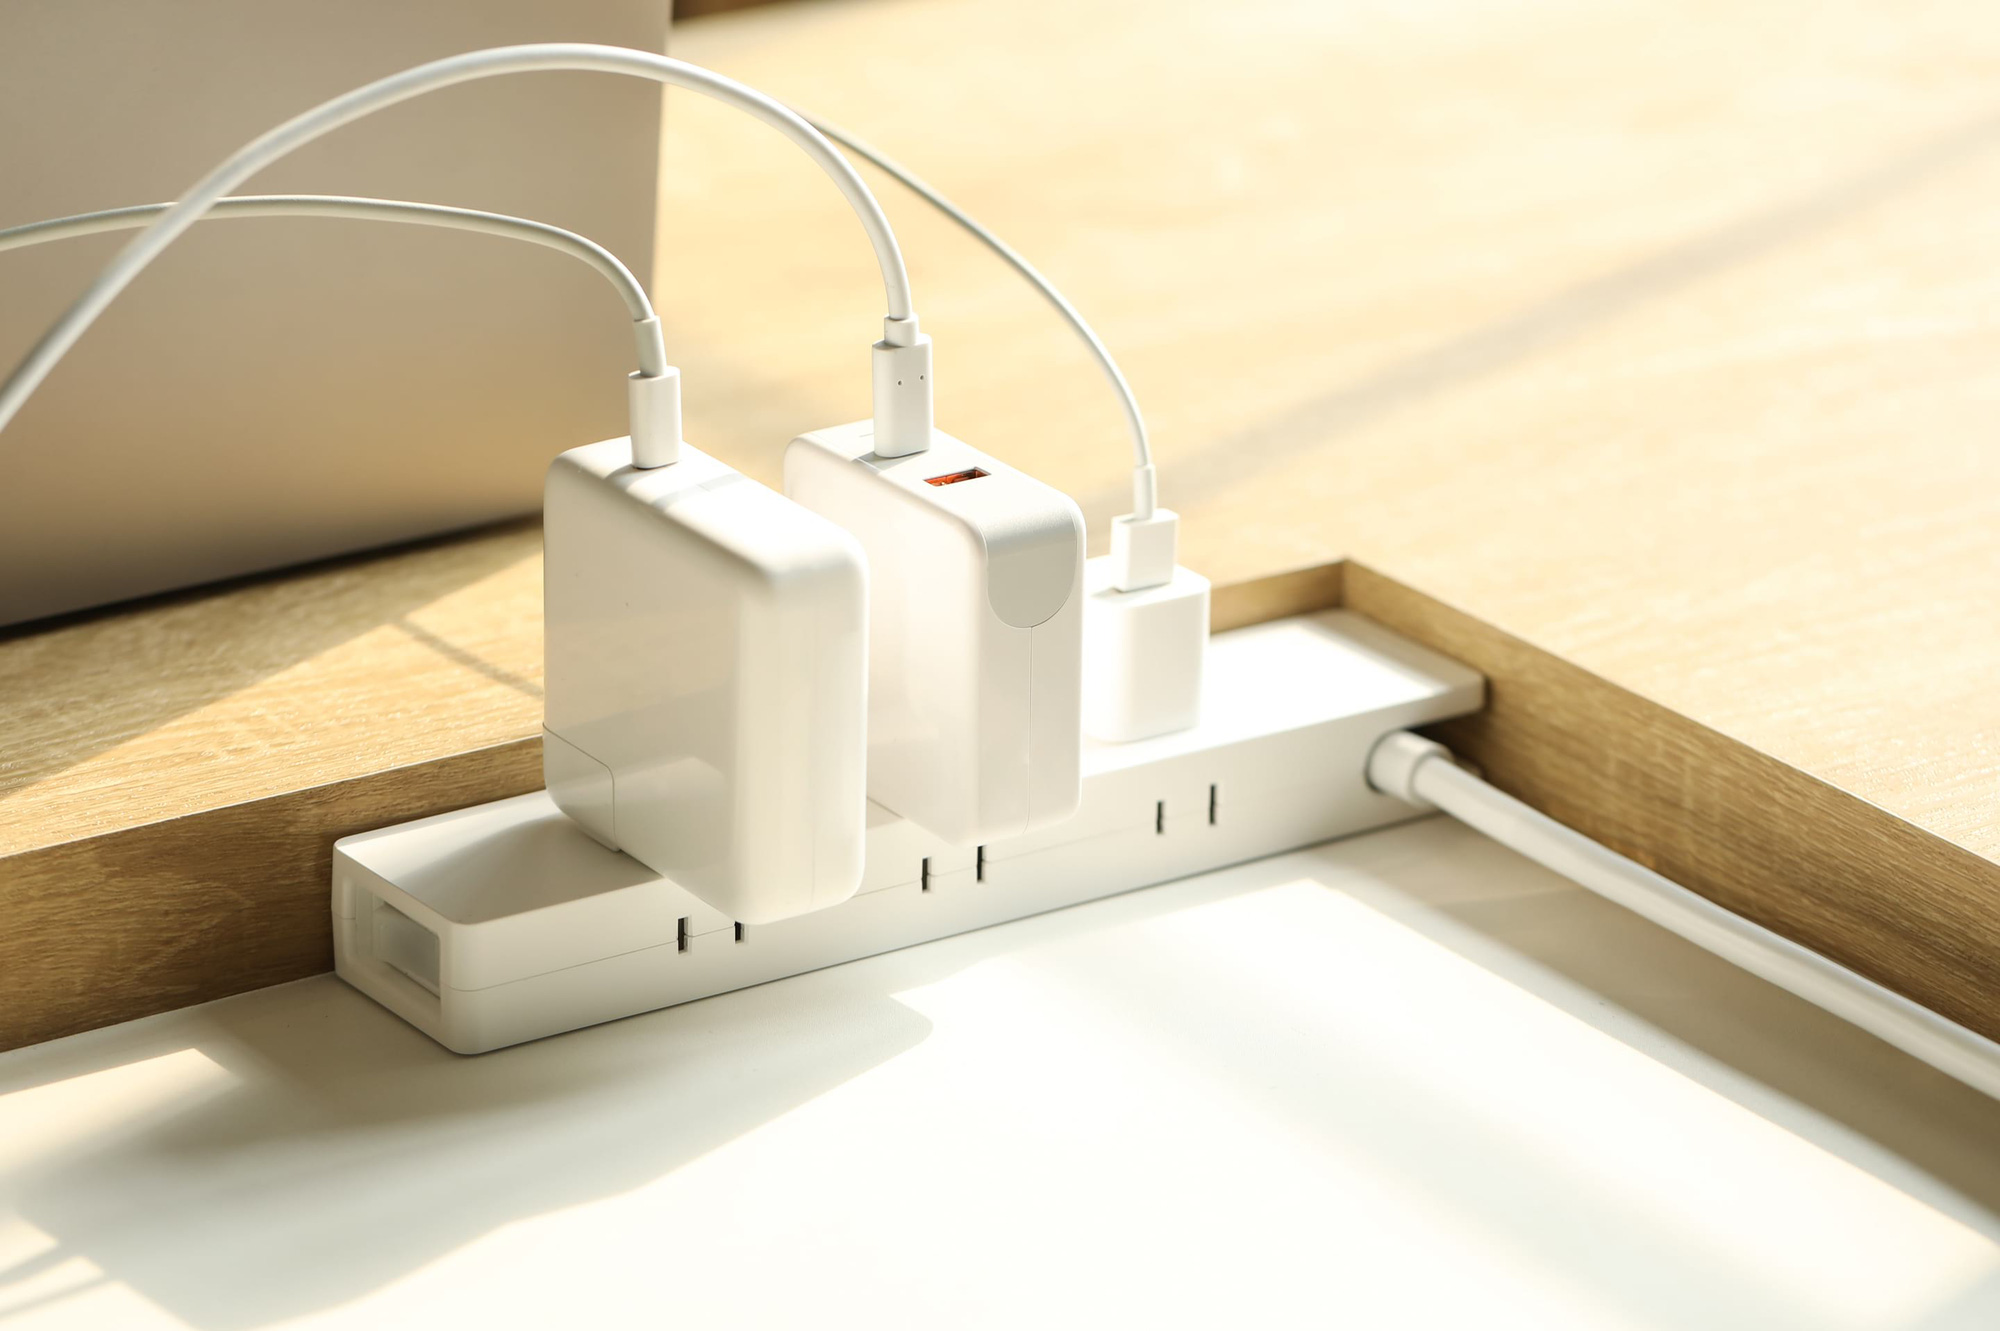 Mớ dây điện trong góc làm việc tại nhà sẽ được hô biến tối giản nhất nhờ chiếc ổ cắm điện thông minh có dây xoay được 360 độ này - Ảnh 4.